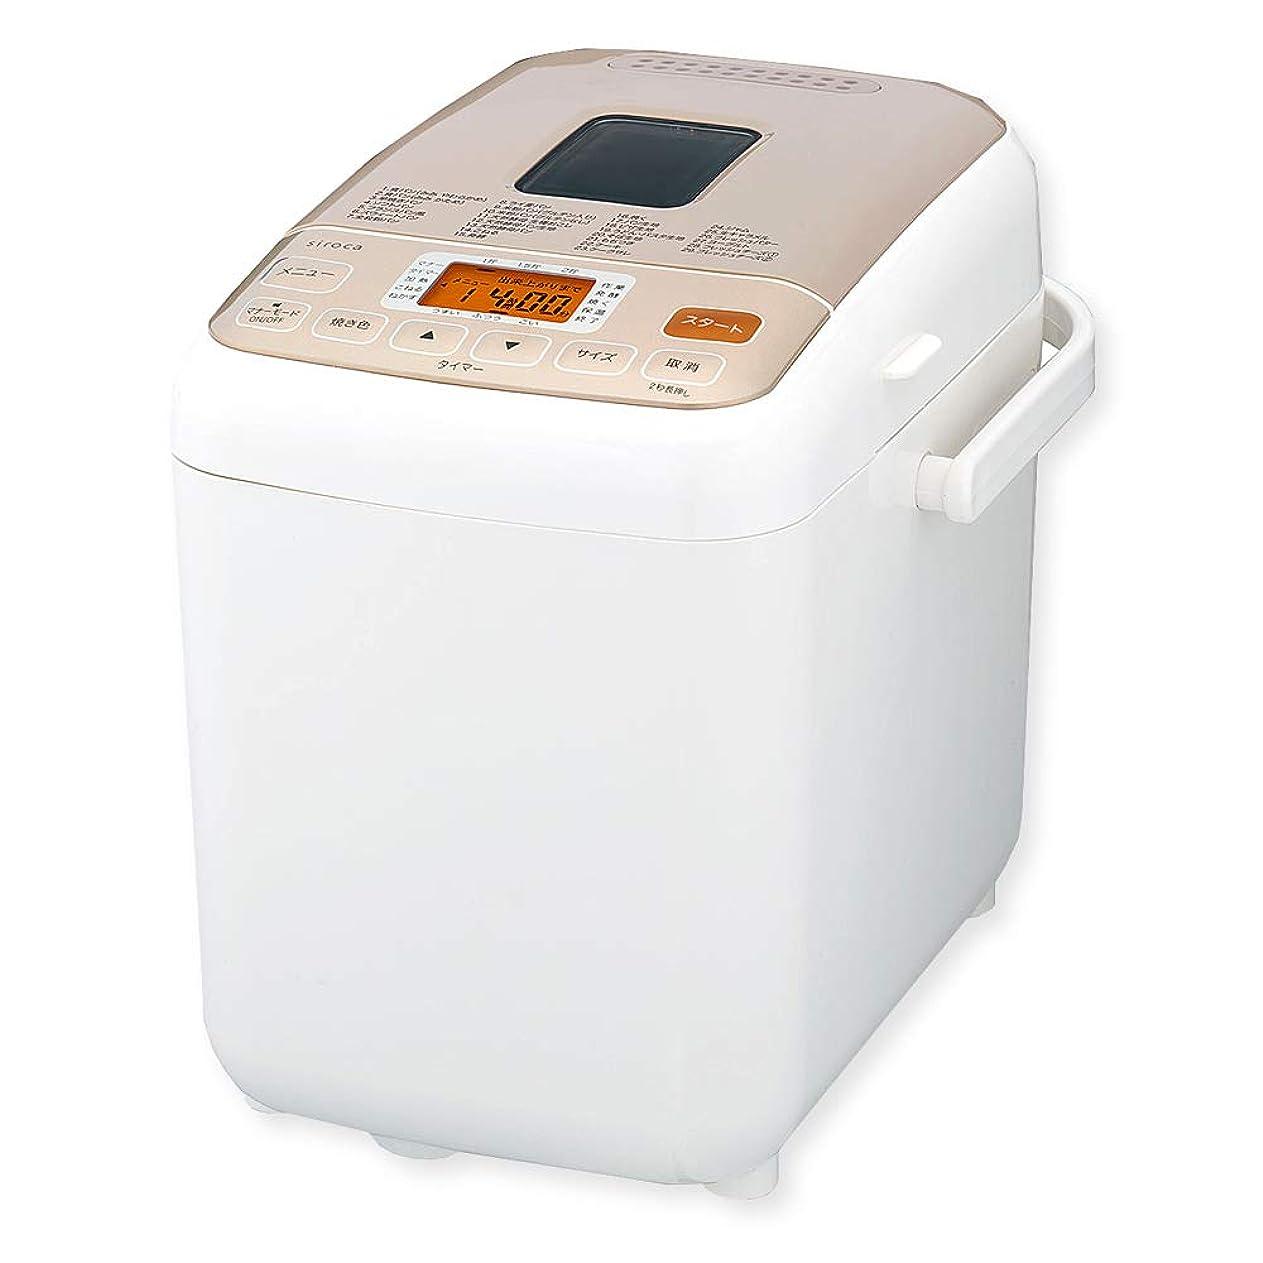 siroca 全自動ホームベーカリー SHB-712 [マナーモード/最大2斤/タイマー/ジャム/バター/チーズ/蕎麦/うどん/パスタ/レシピ付]